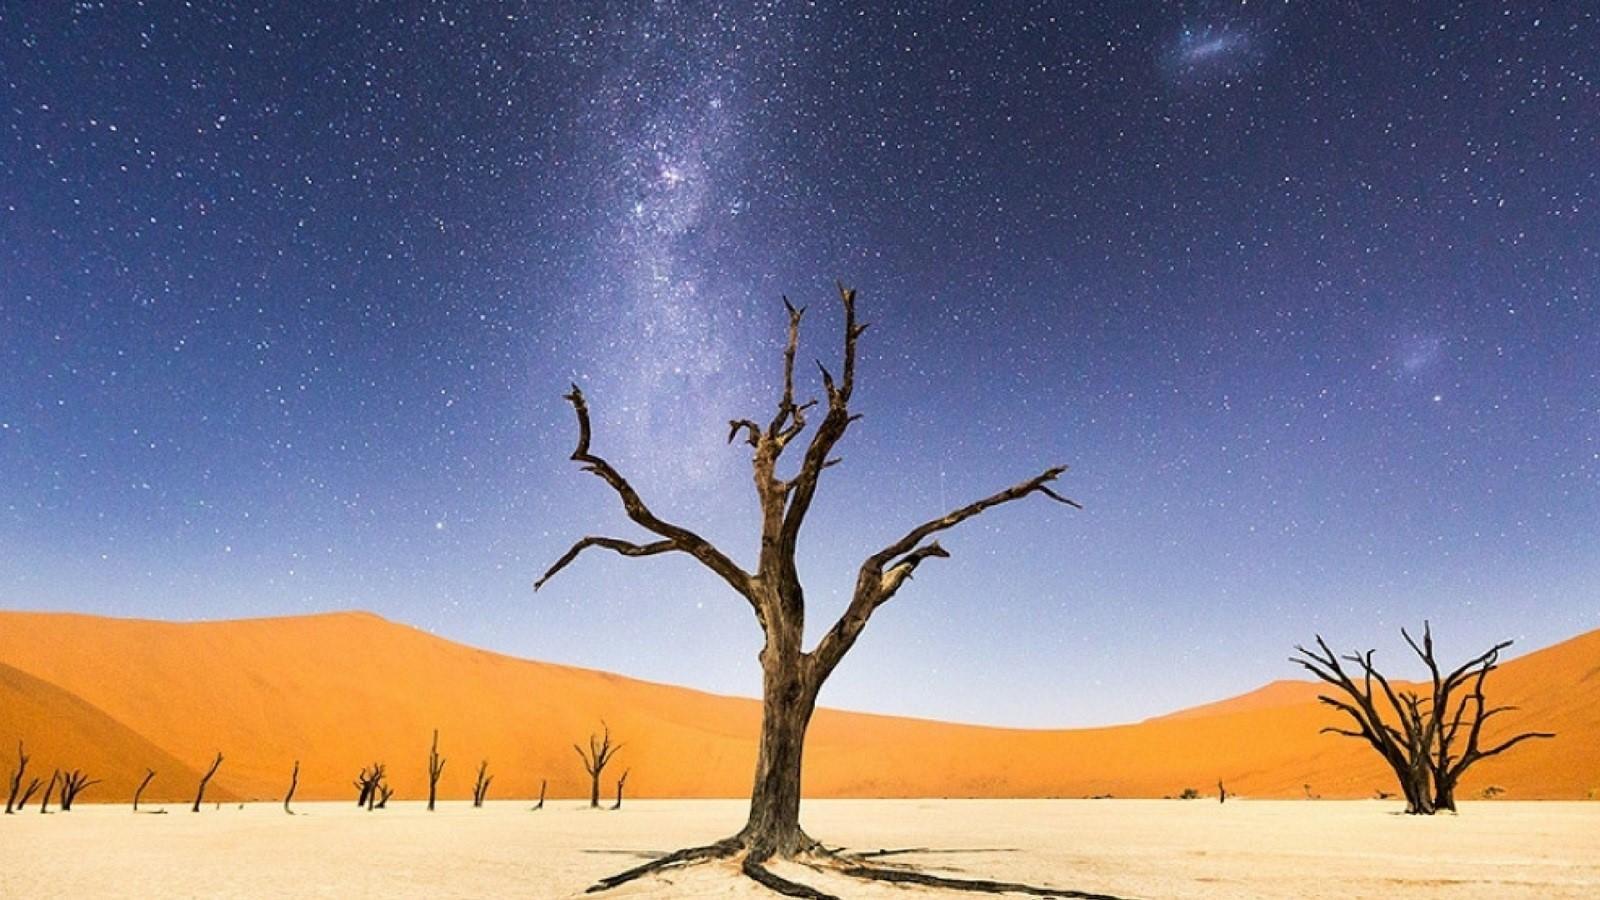 20 пейзажей планеты, которые невозможно описать словами